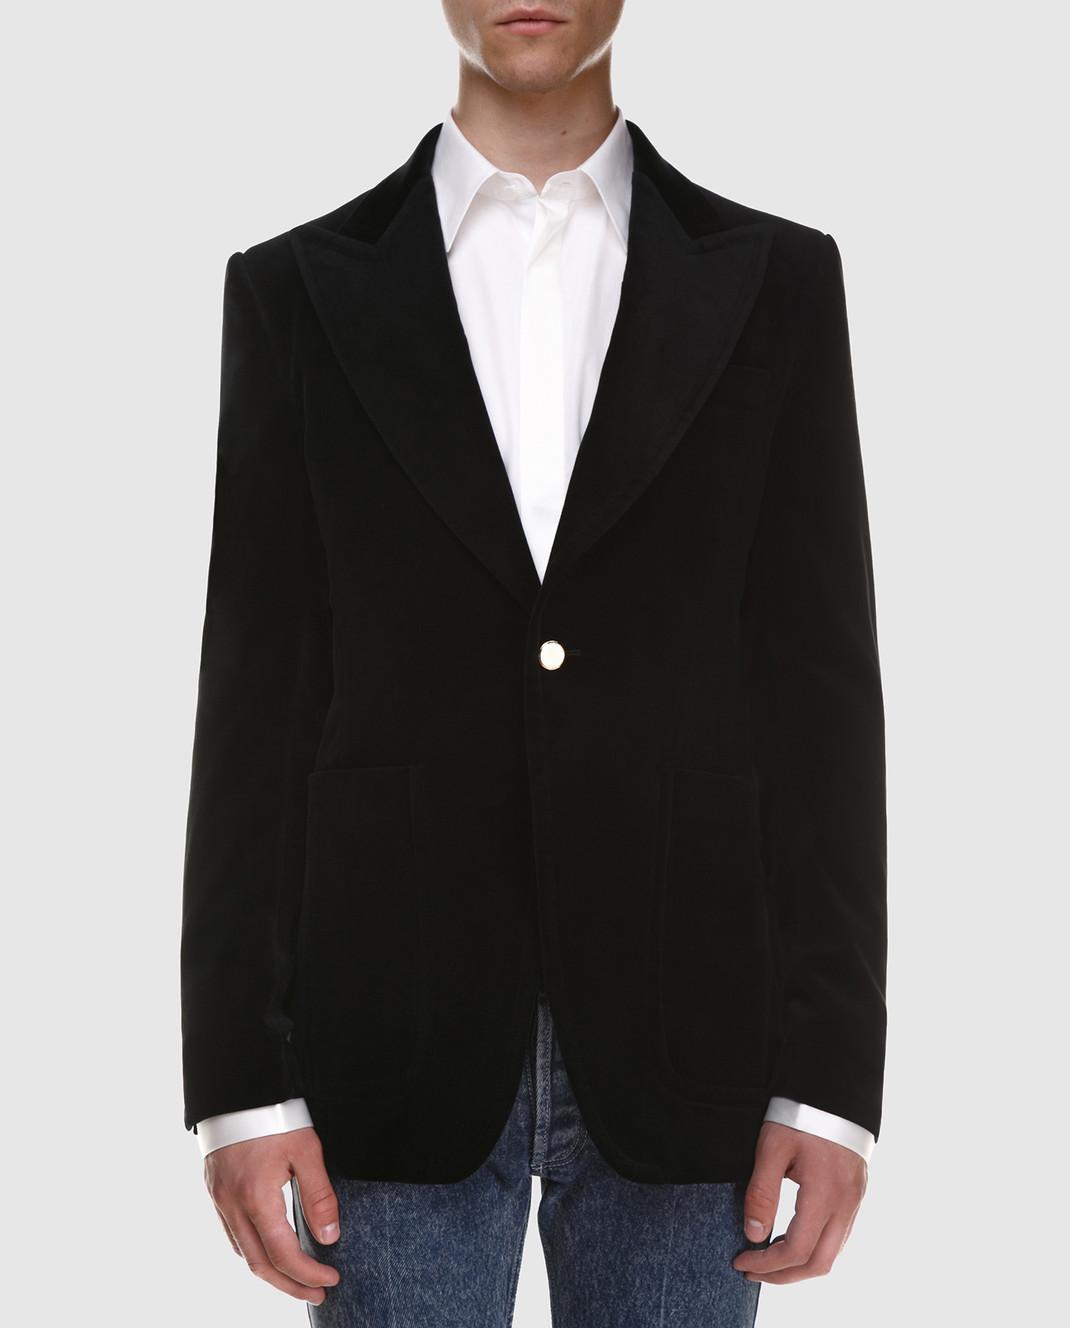 Gucci Черный бархатный пиджак изображение 3